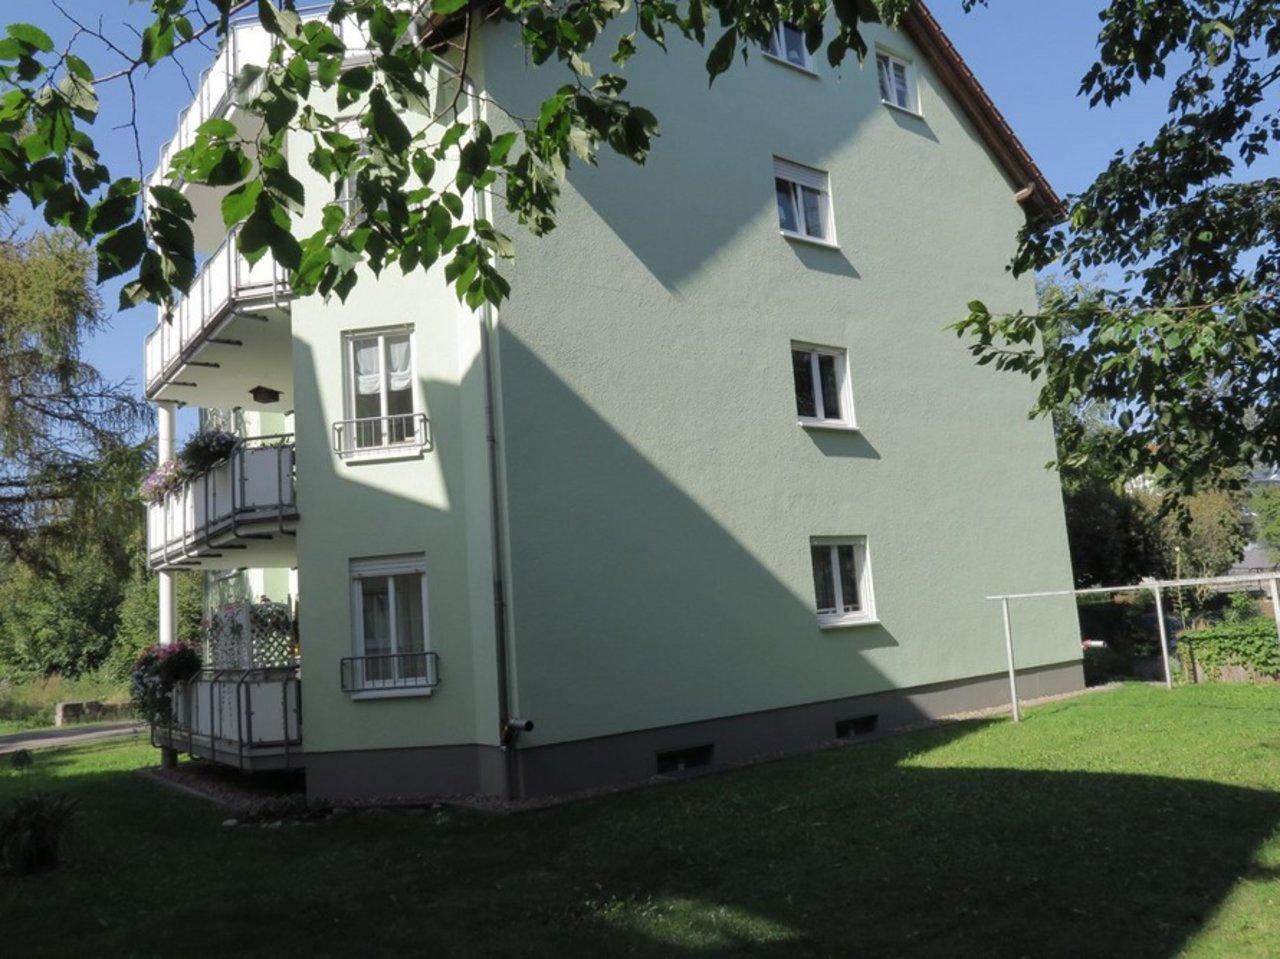 Solide Anlage! Charmante, vermietete DG-Eigentumswohnung in Arnstadt-Hausansicht Südost